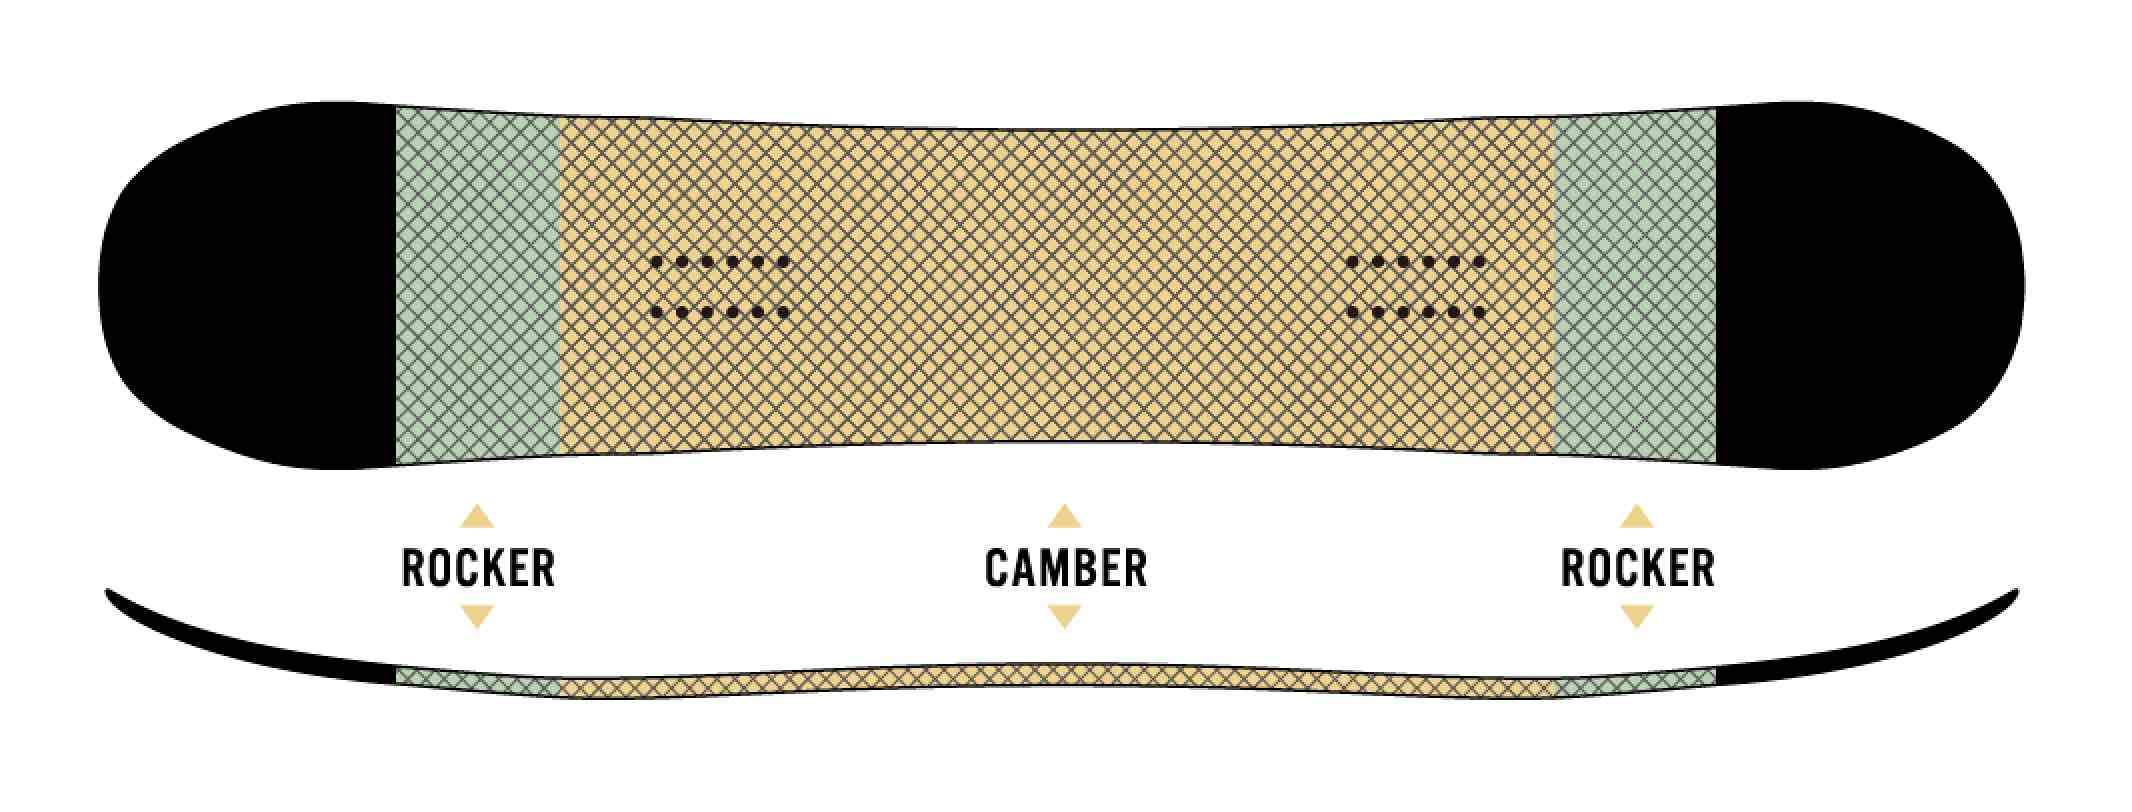 ボードのセンター部分はキャンバーで、ノーズとテールに少しだけロッカーを取り入れたCAMROCK。キャンバーが得意とするキレのあるエッジングと高い反発力、そしてロッカー特有の取り回しのよさを併せ持っている